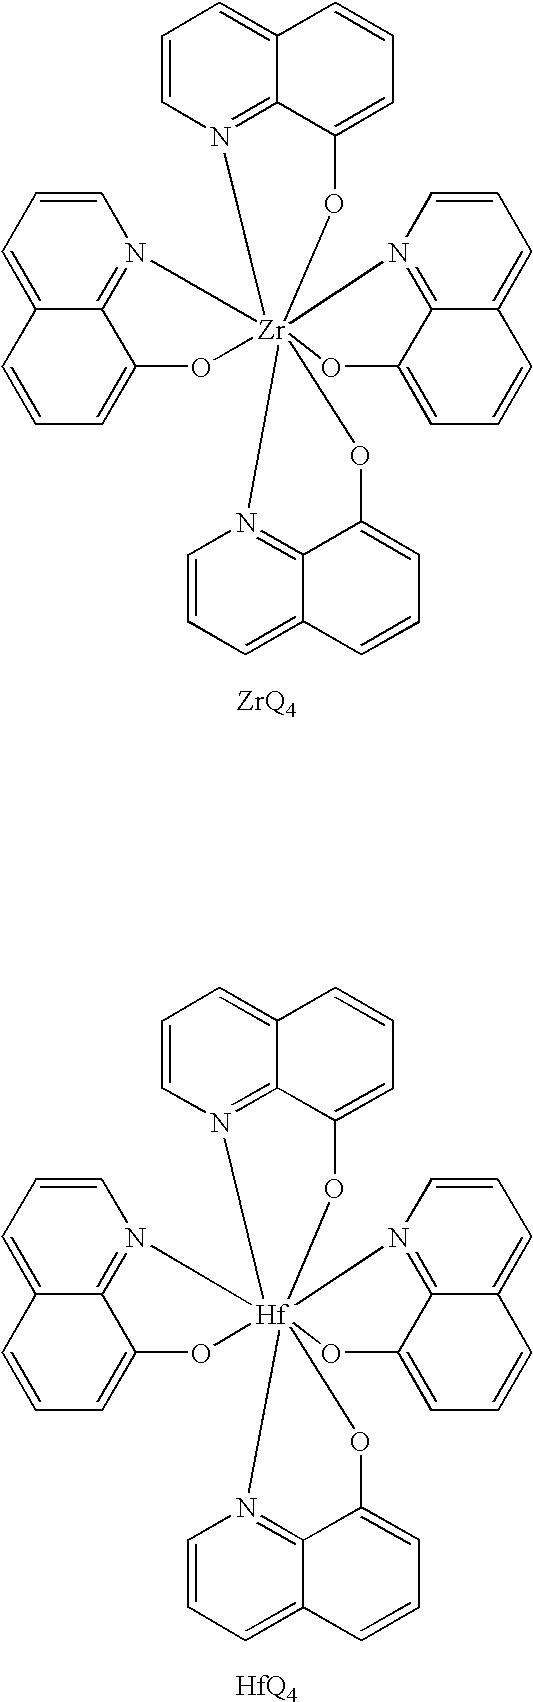 Figure US20040197601A1-20041007-C00006